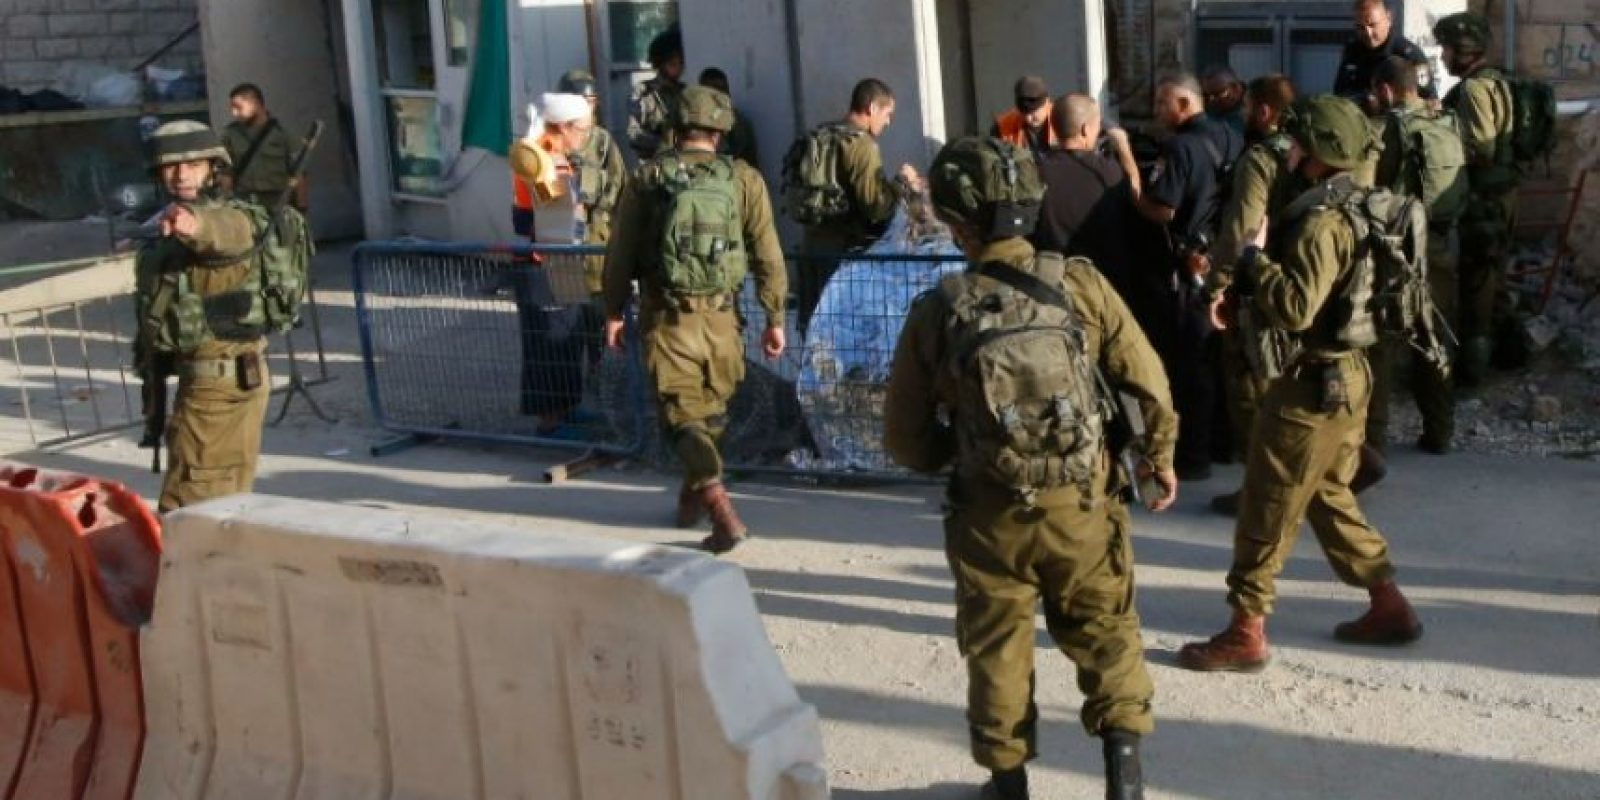 Soldados israelíes tapando el cuerpo de un palestino muerto por disparos de los militares tras intentar atacar a uno de ellos, cerca de la colonia de Tal Rumeda, en Hebrón, Cisjordania, el 16 de septiembre de 2016 Foto:Hazem Bader/afp.com